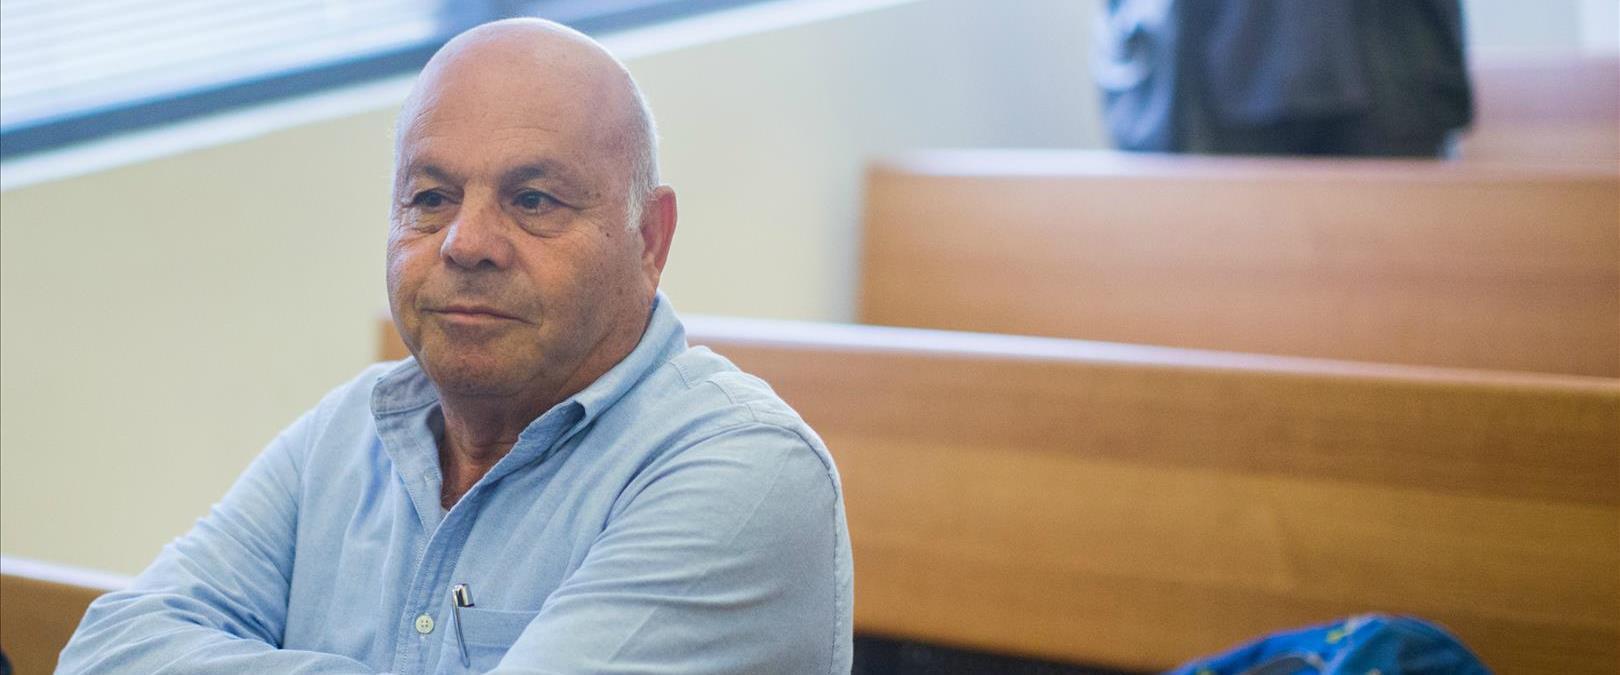 עזרא סיידוף בבית המשפט בירושלים, אוקטובר 2015